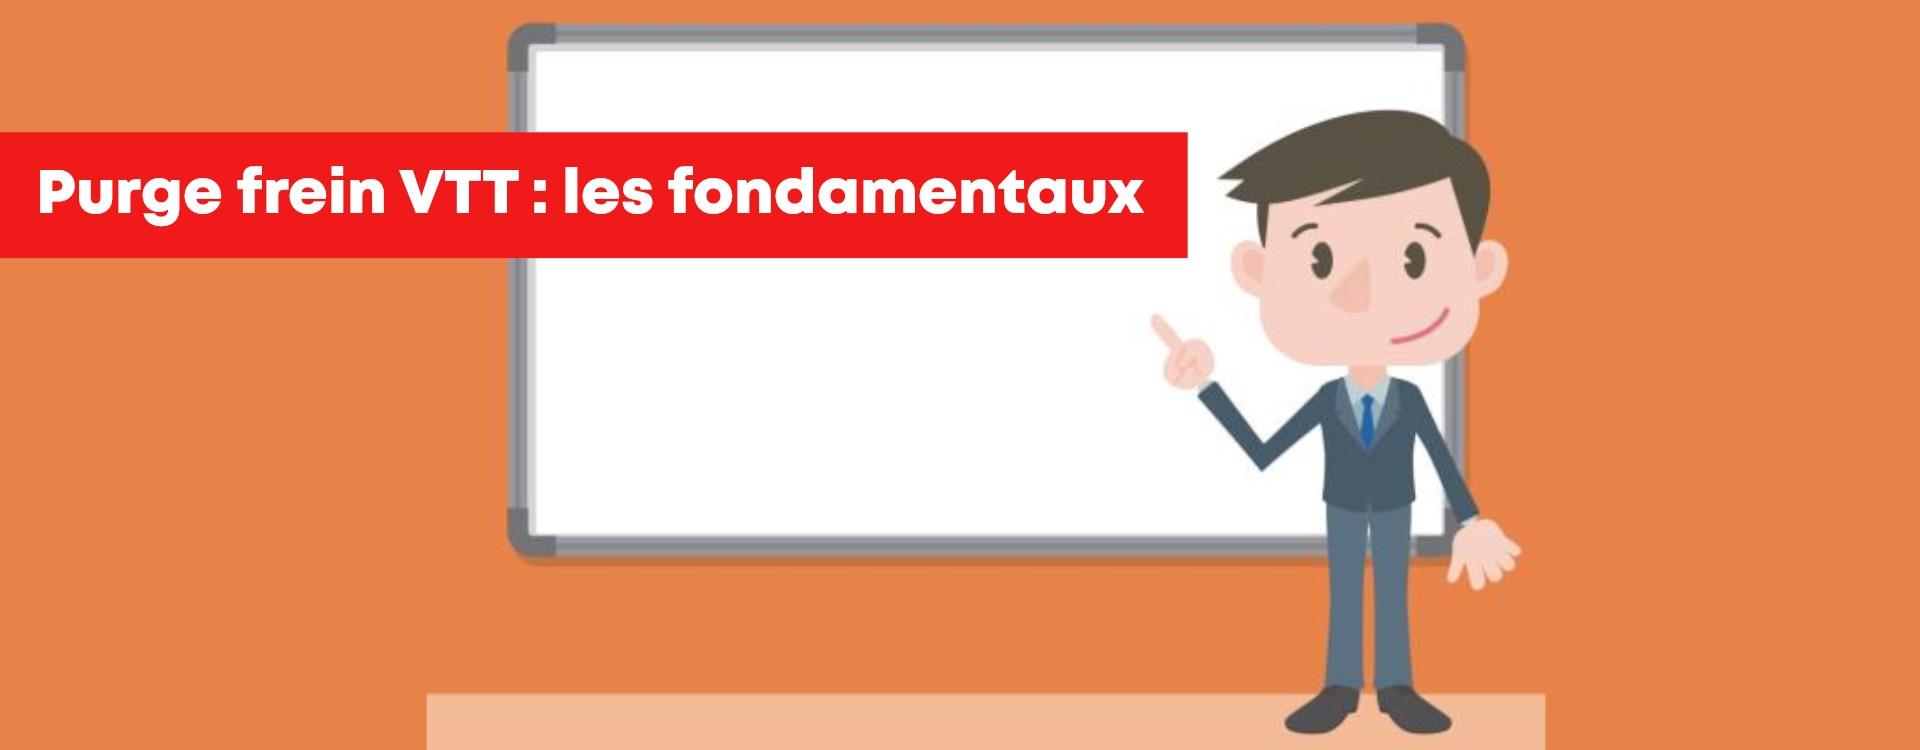 Introduction à la purge VTT - les fondamentaux !